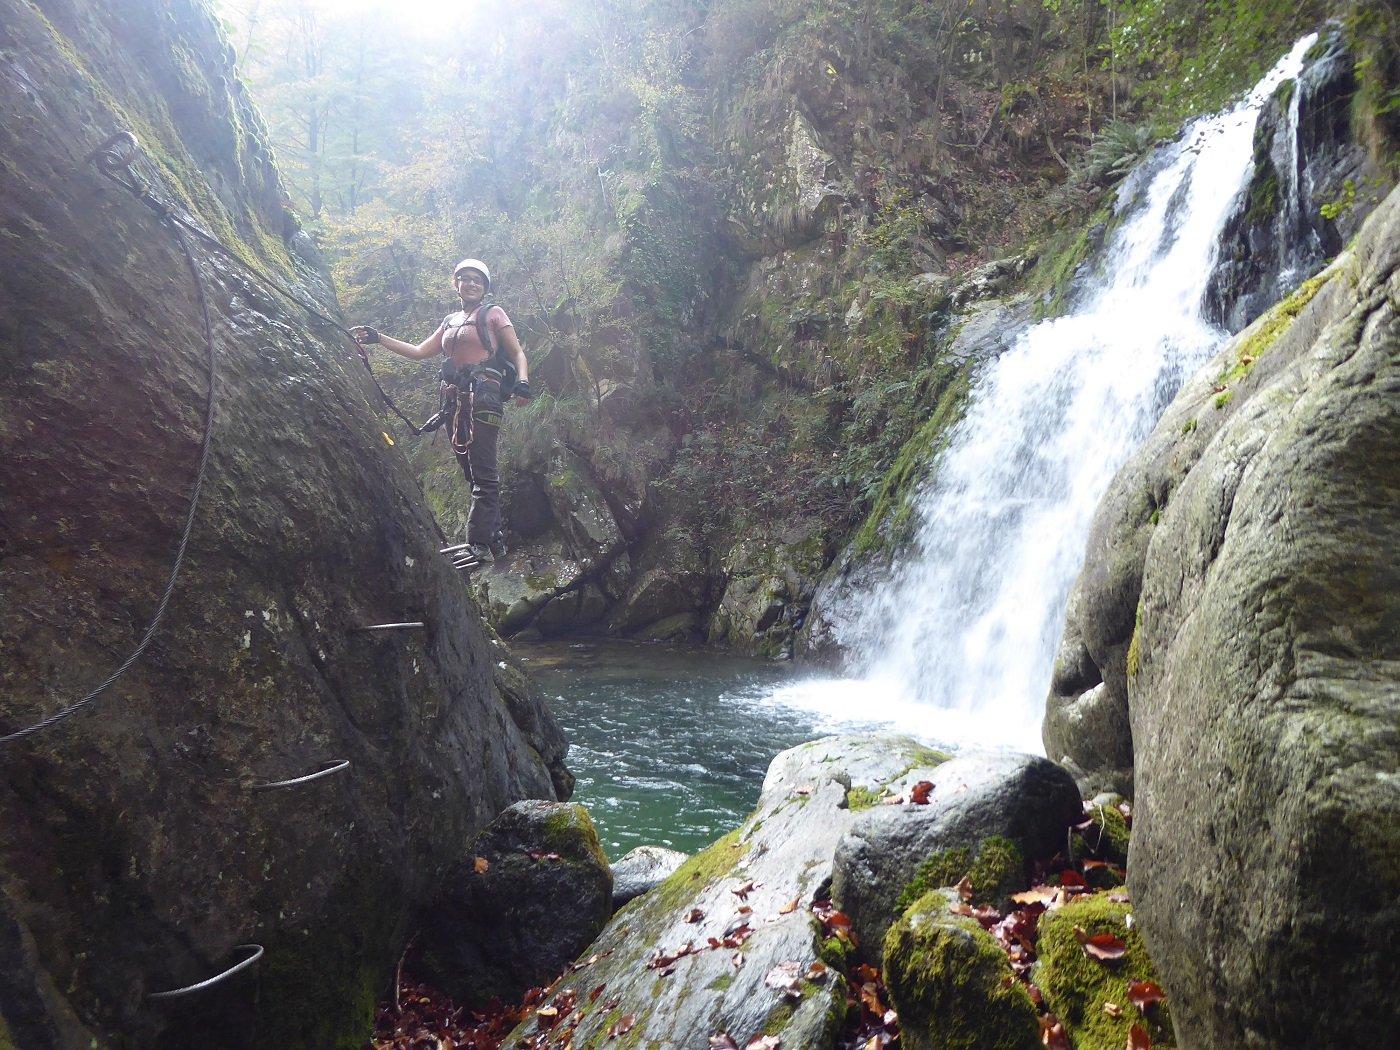 Linda sul traverso della cascata.